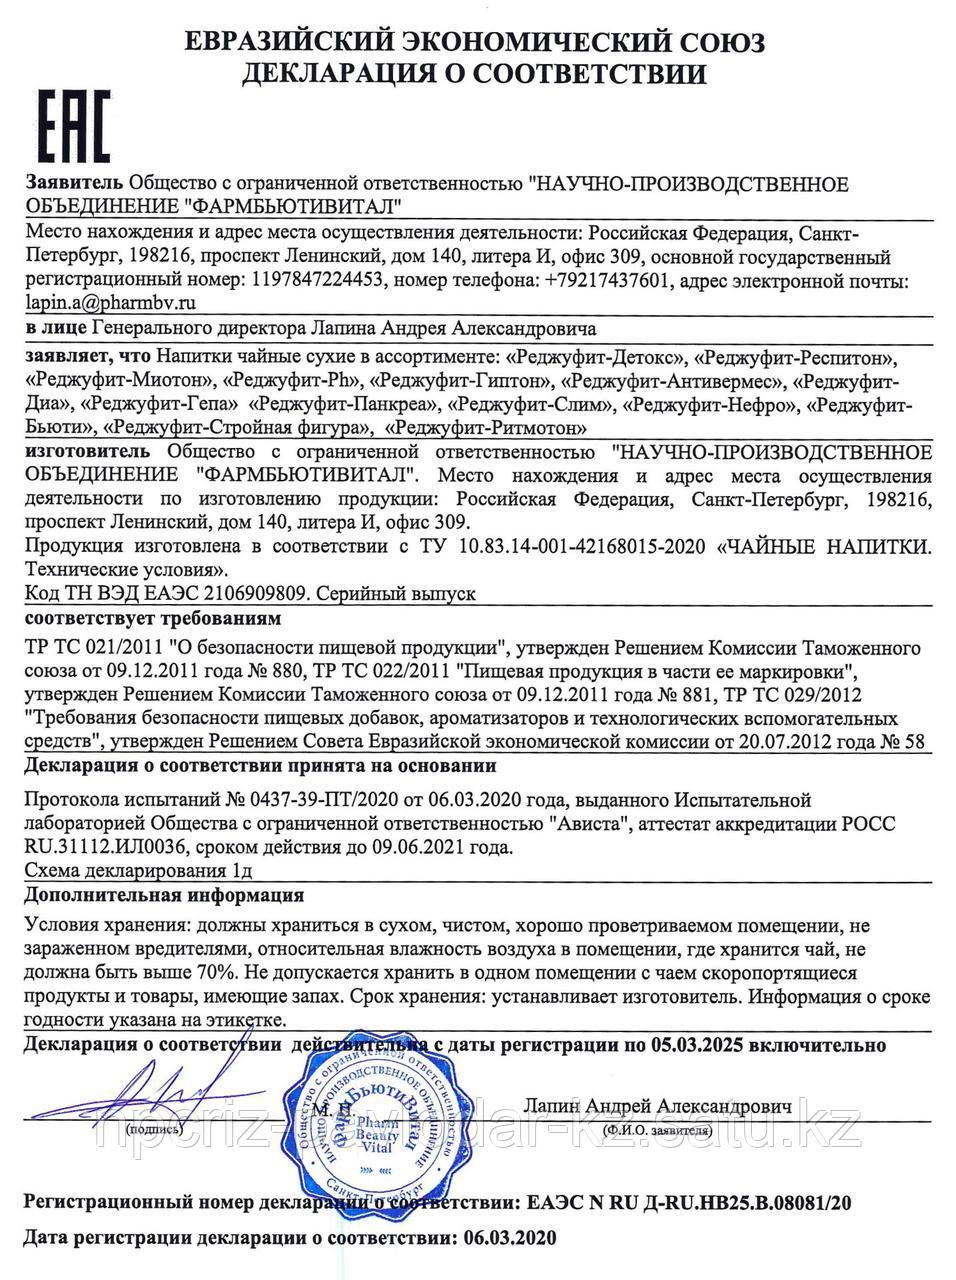 РЕДЖУФИТ ГЕПА фиточай для печени и желчевыводящих путей. - фото 2